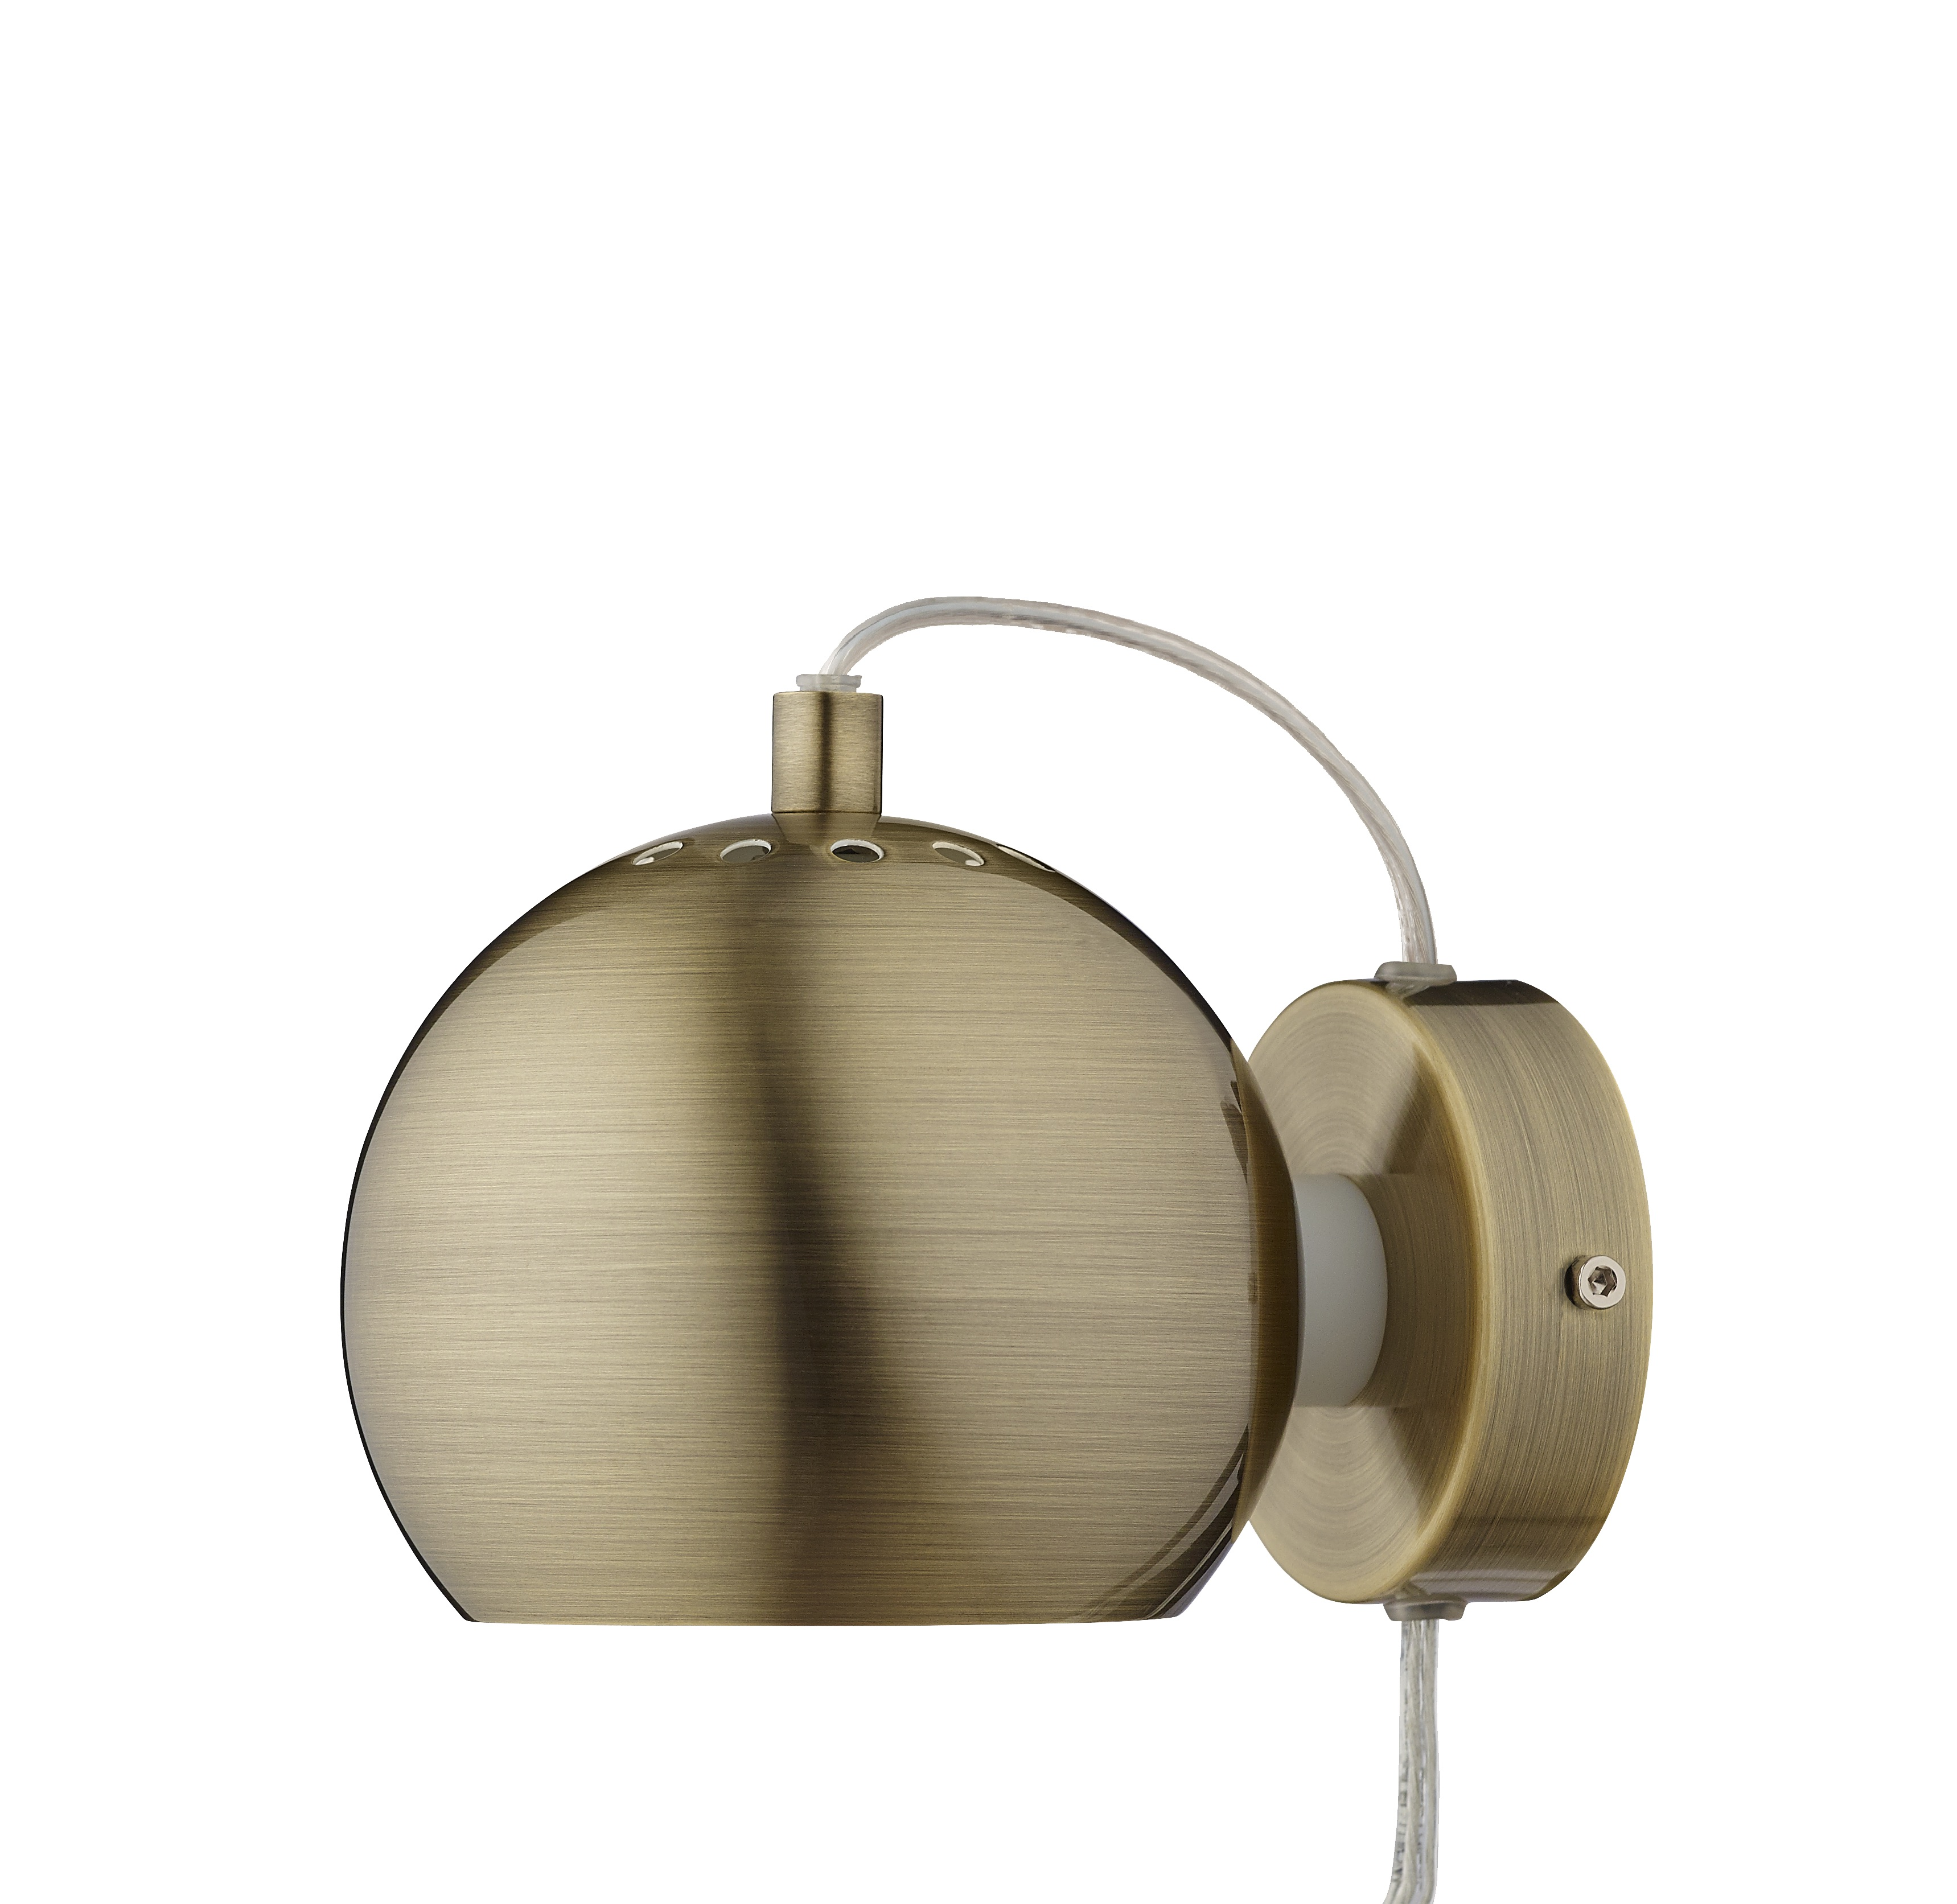 Kob Thomas v u00e6glampe Galvaniseret stål billigt på tilbud online u2b06 Se Pris på Cost860 dk